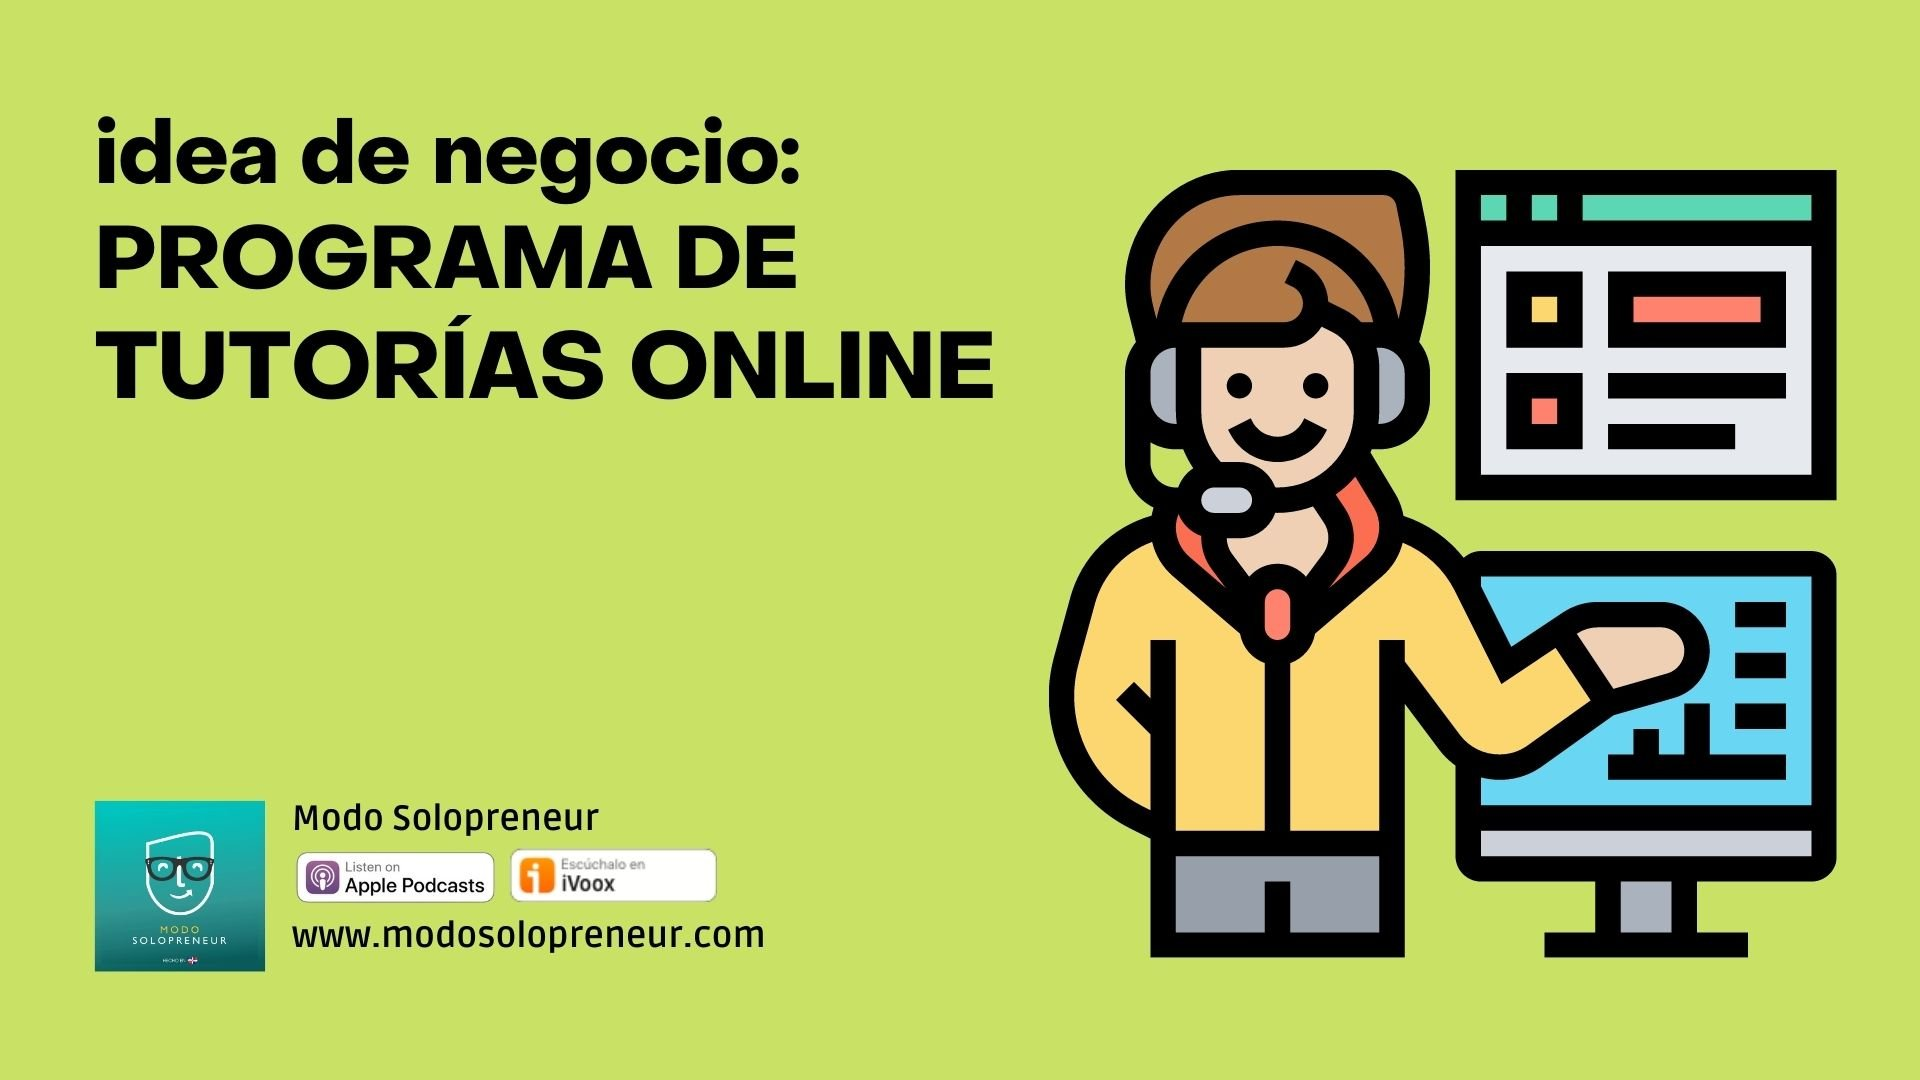 Idea de negocio: Programa de tutorías online